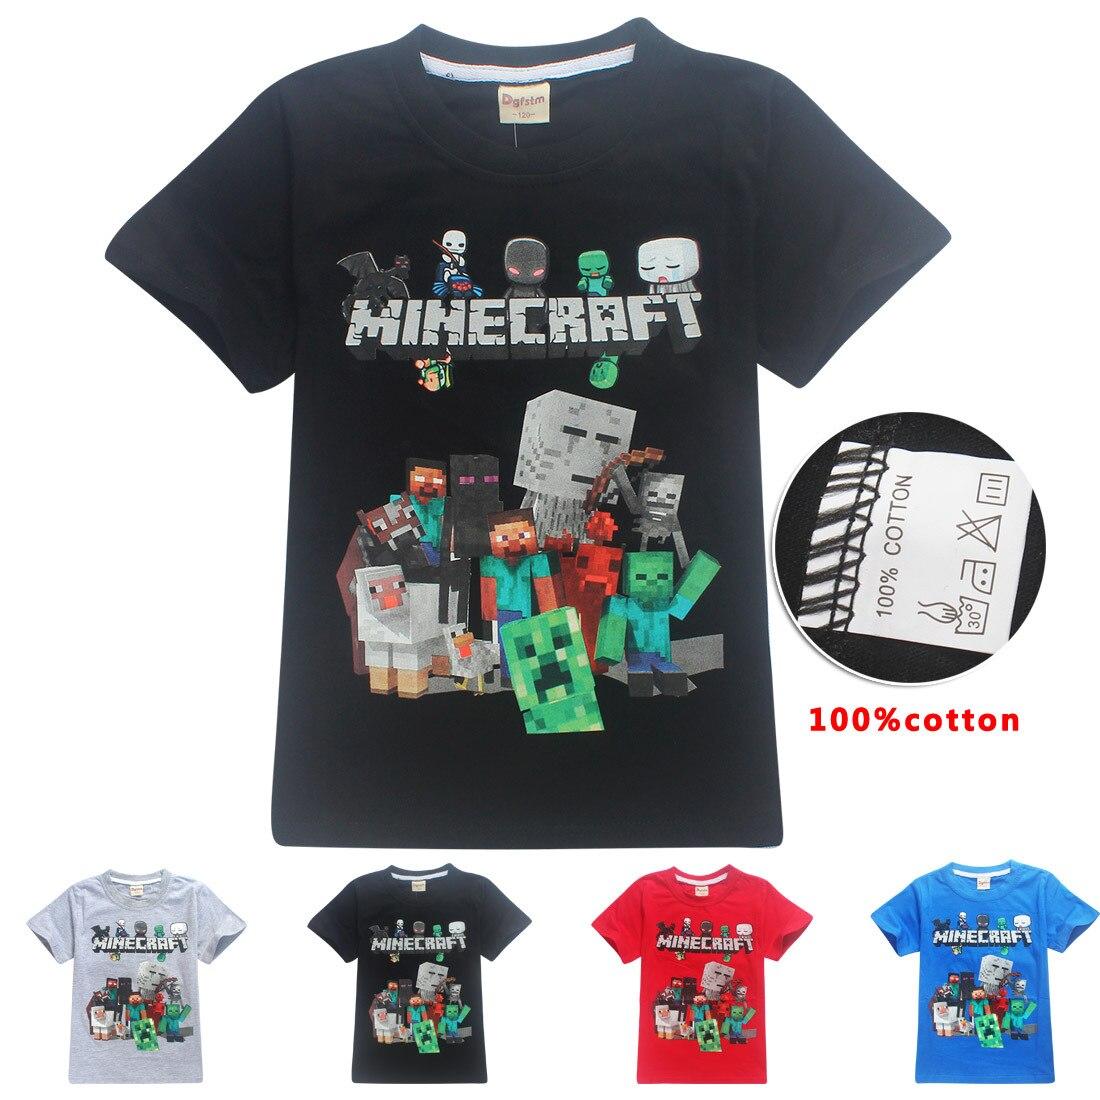 Fornite Battle Royale Unicorn Kids Unisex T-Shirts Clothing